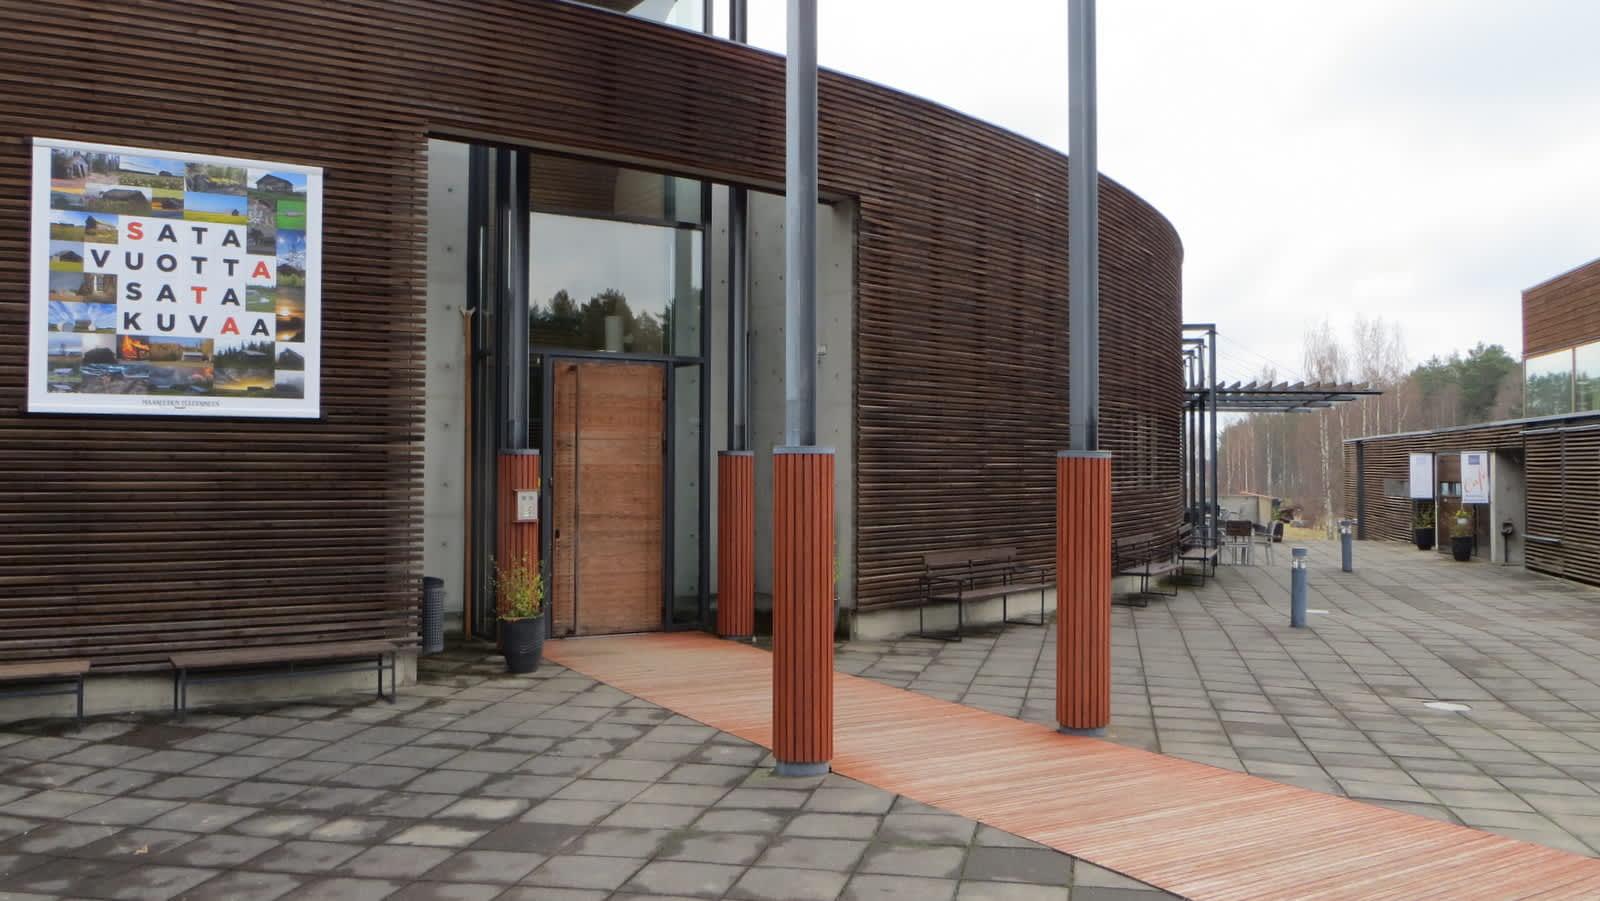 Lusto - Suomen Metsämuseo, sisäänkäynti